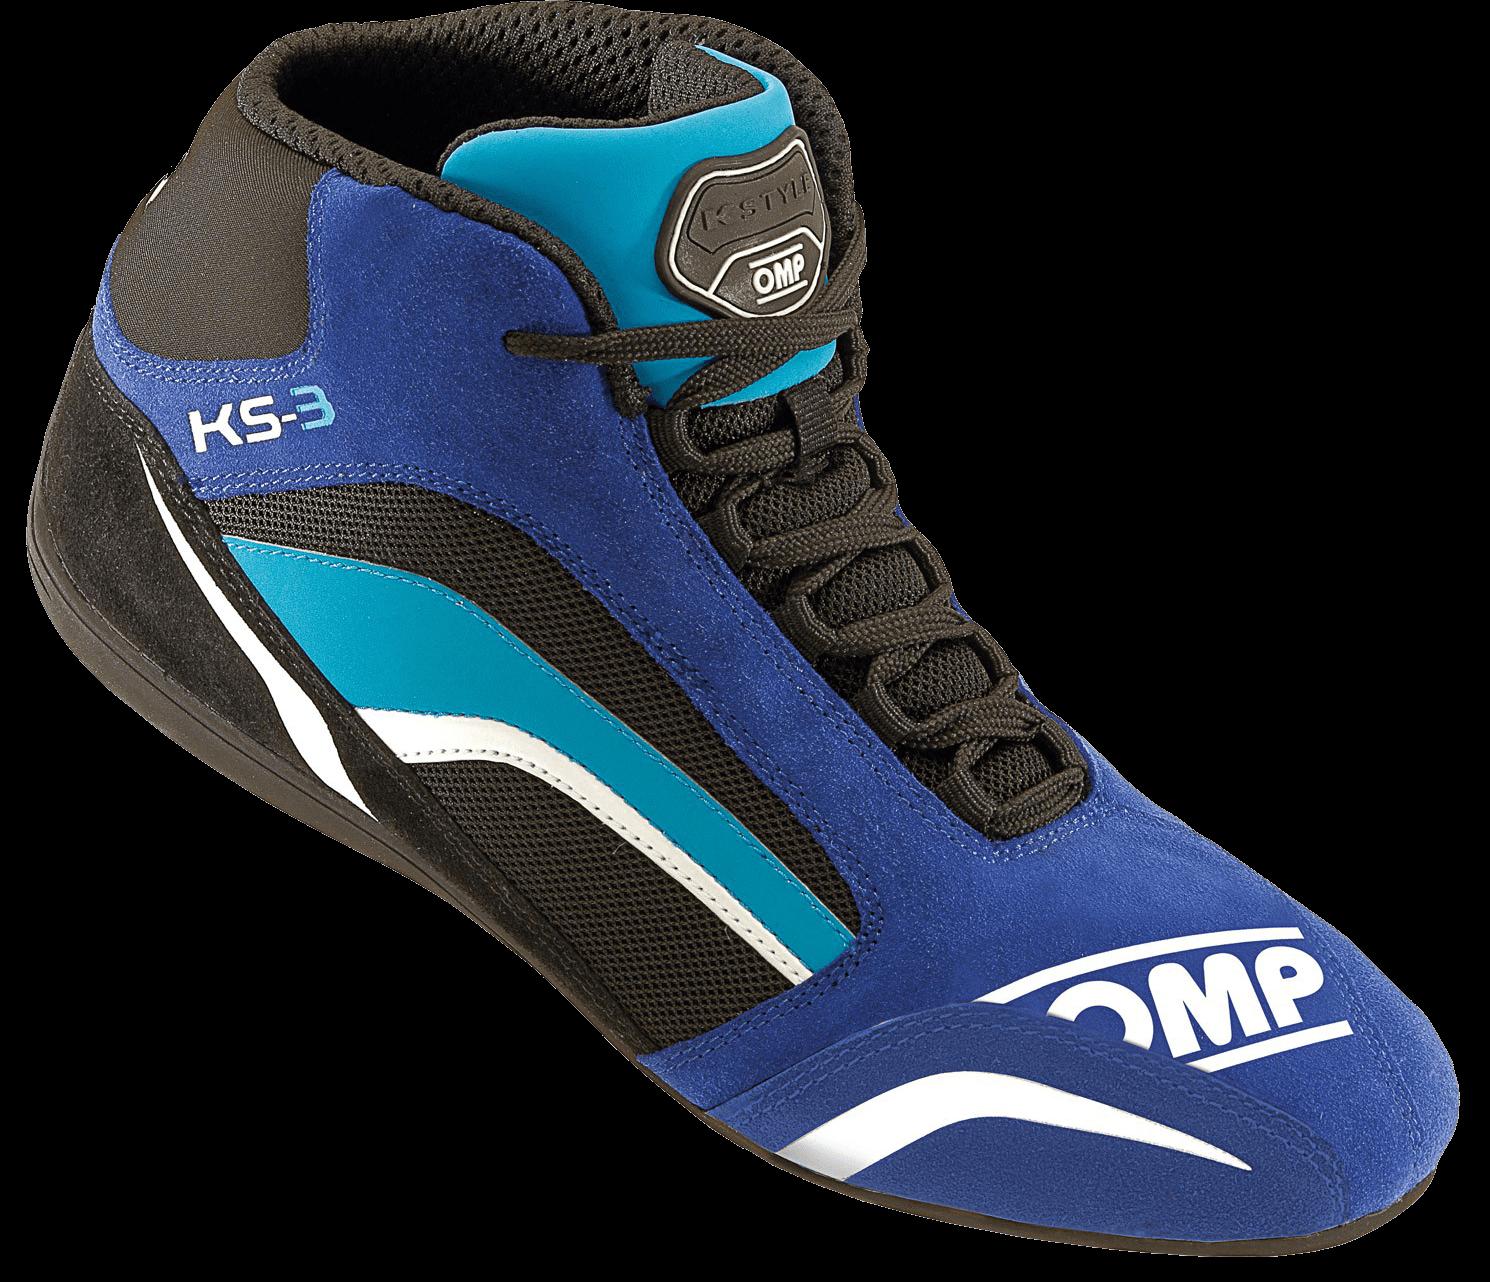 botas-omp-ks3-azul